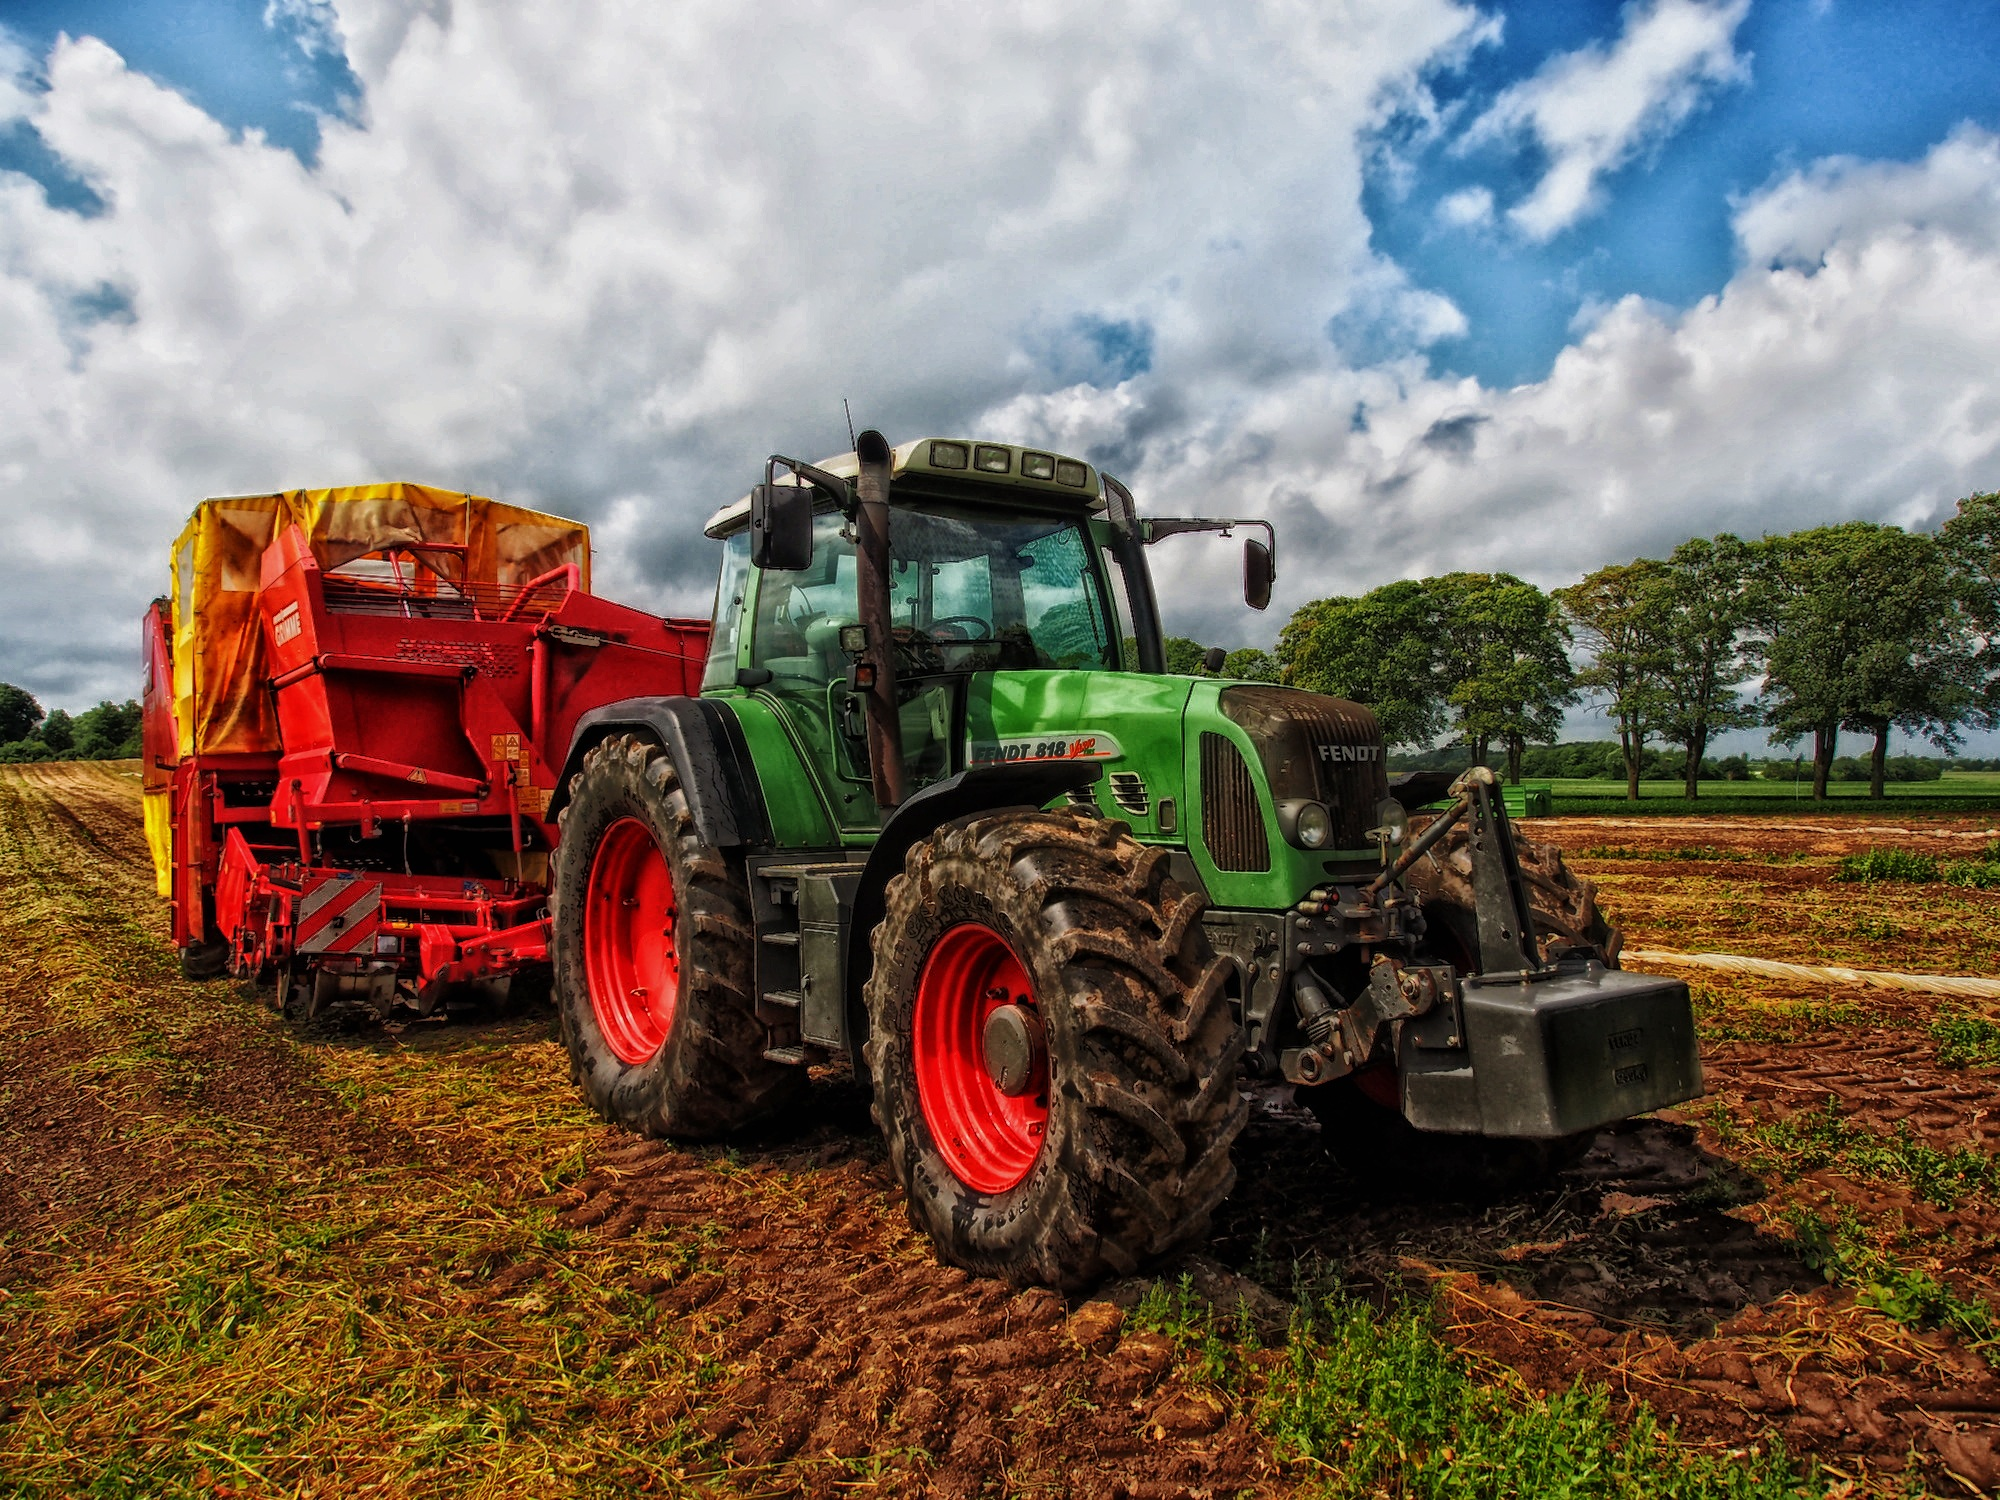 Auf der Messe AgriFach gibt es Fakten und Foren rund um die Landwirtschaft (Foto: Pixabay)